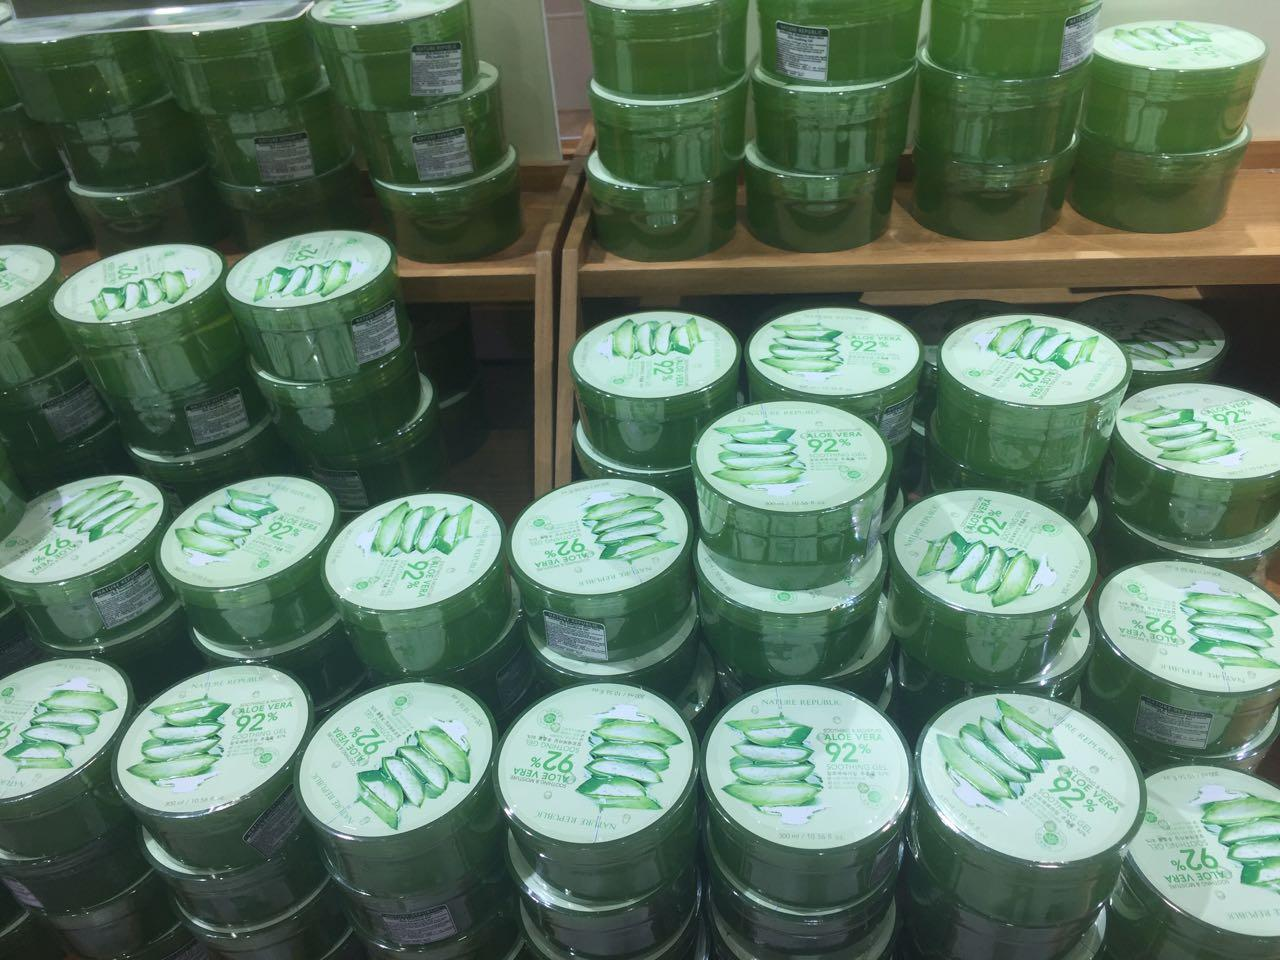 Jual Produk Aloe Vera Online Terbaru Di Terlaris 92 Soothing Gel Nature Republik Cream Ajaib Serbaguna Farrykairo Republic Moisture Shooting